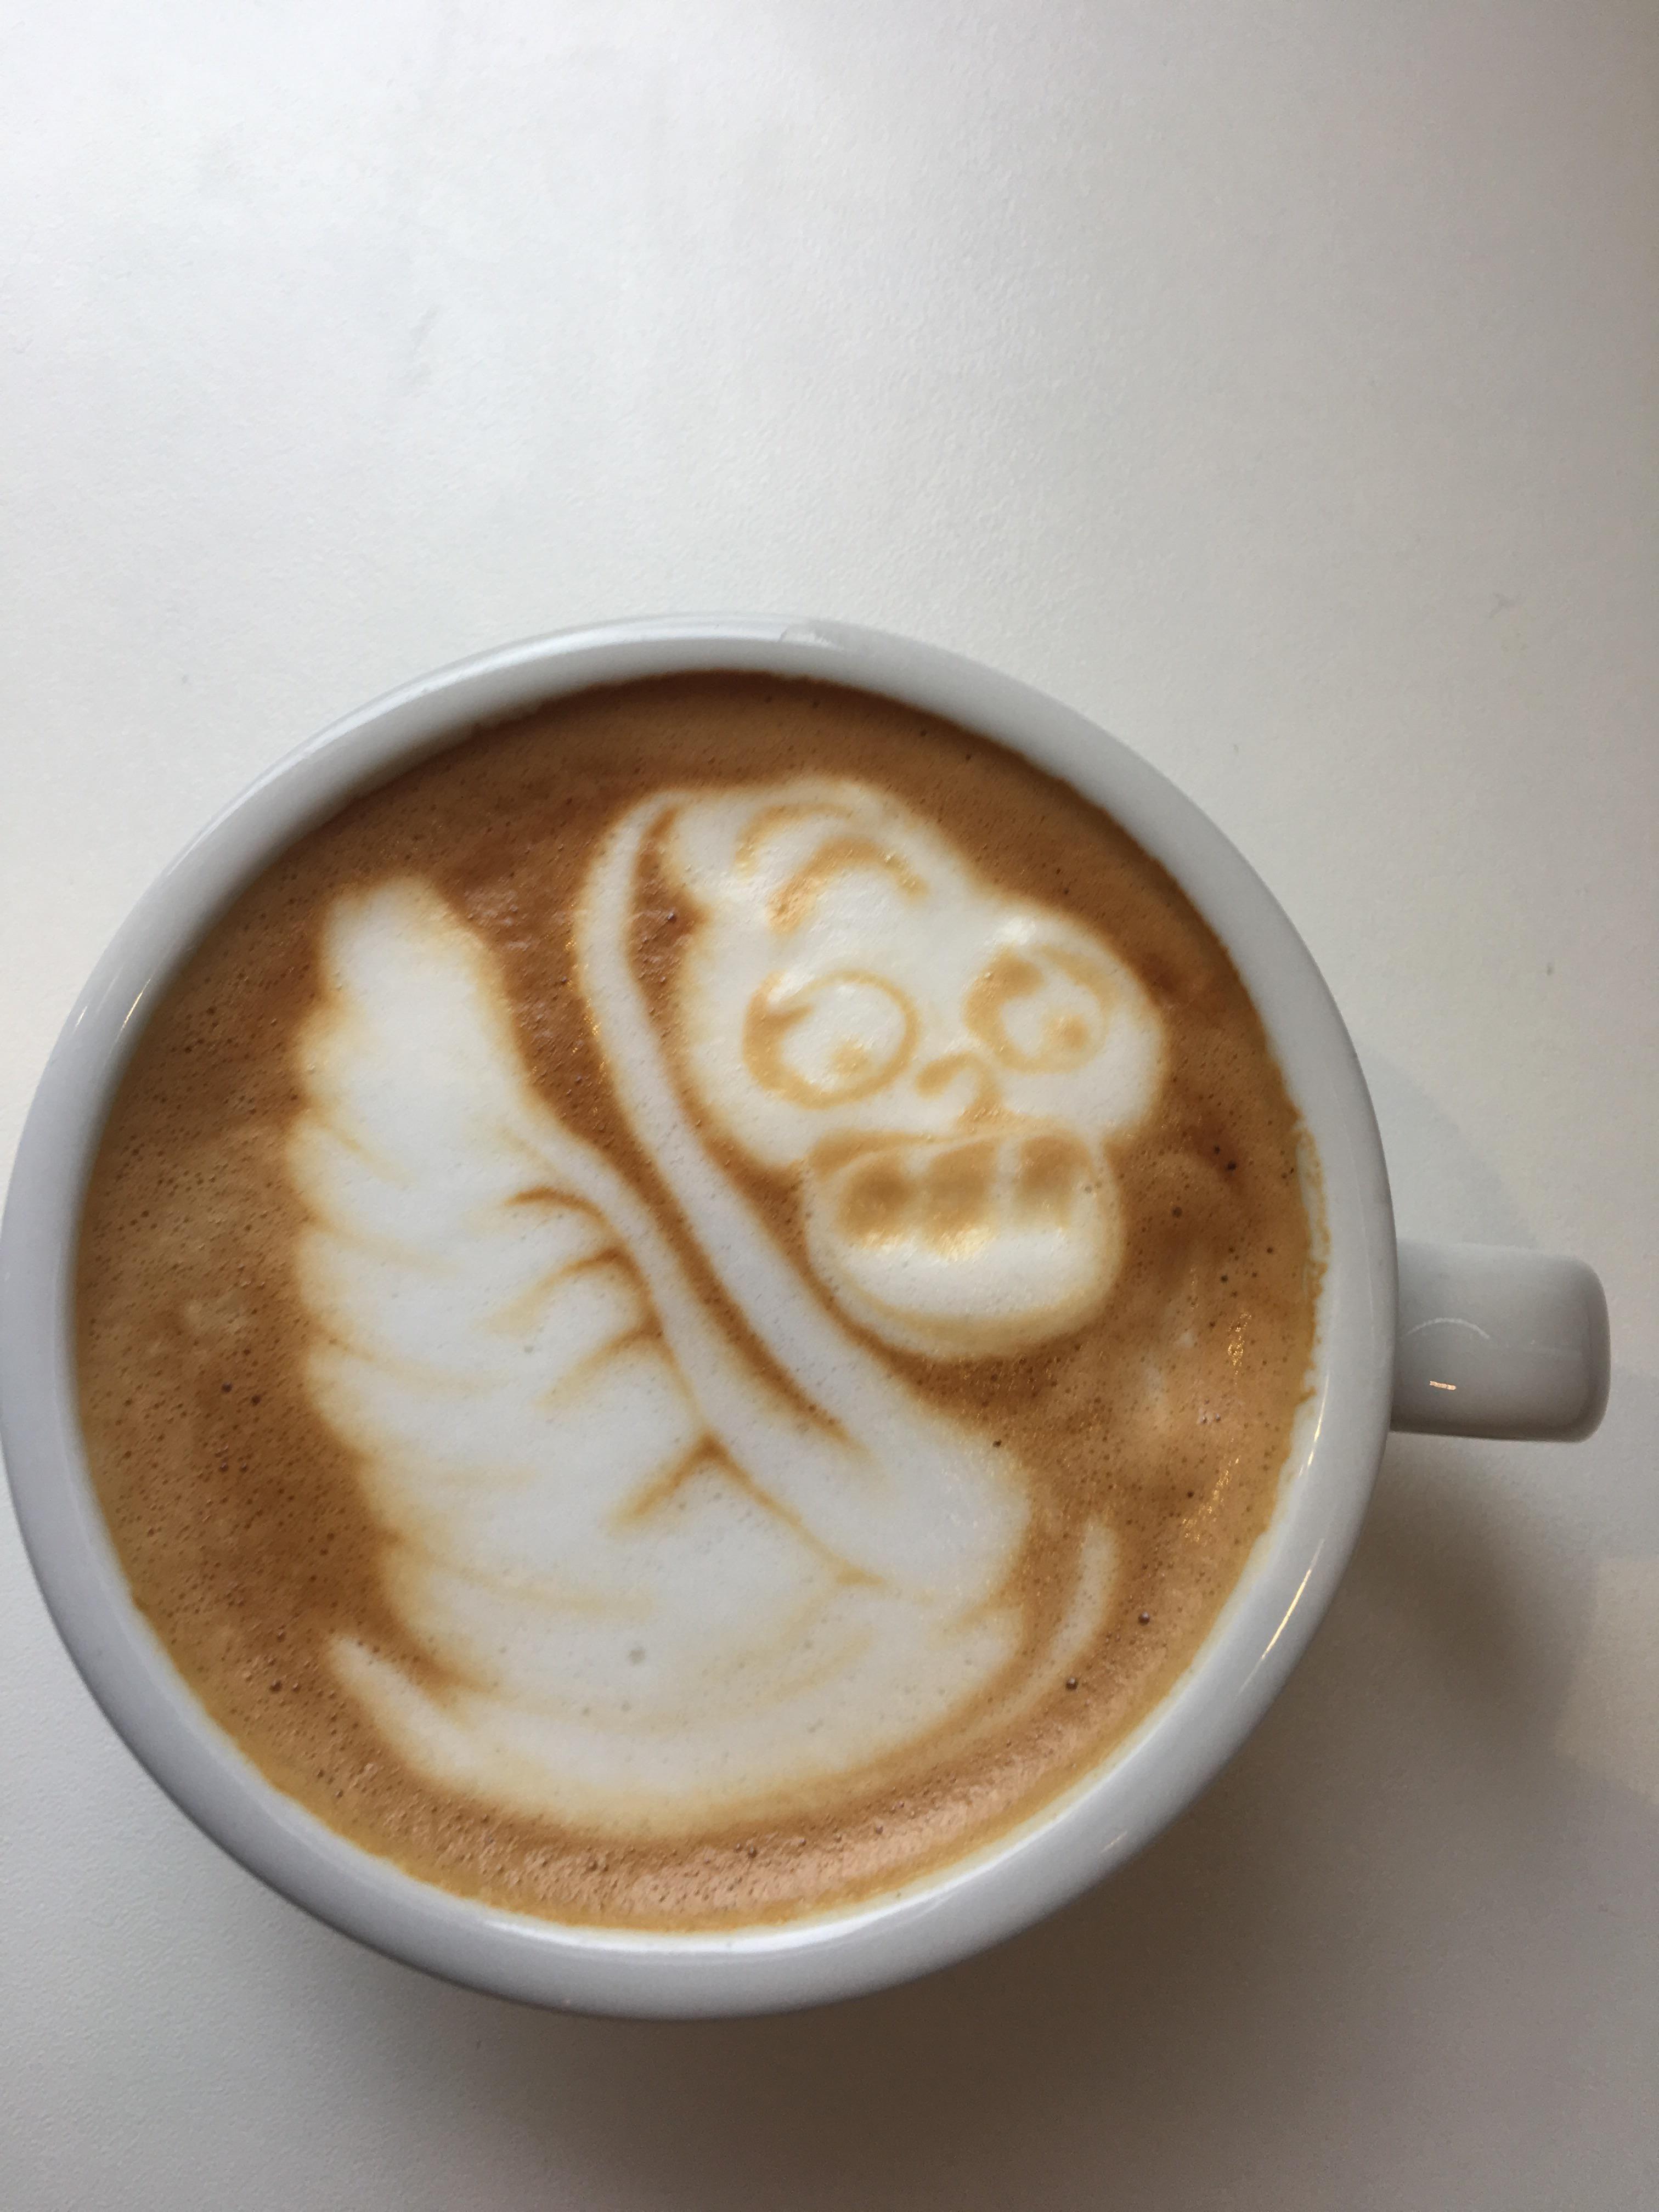 28+ Vanilla blonde roast coffee starbucks ideas in 2021